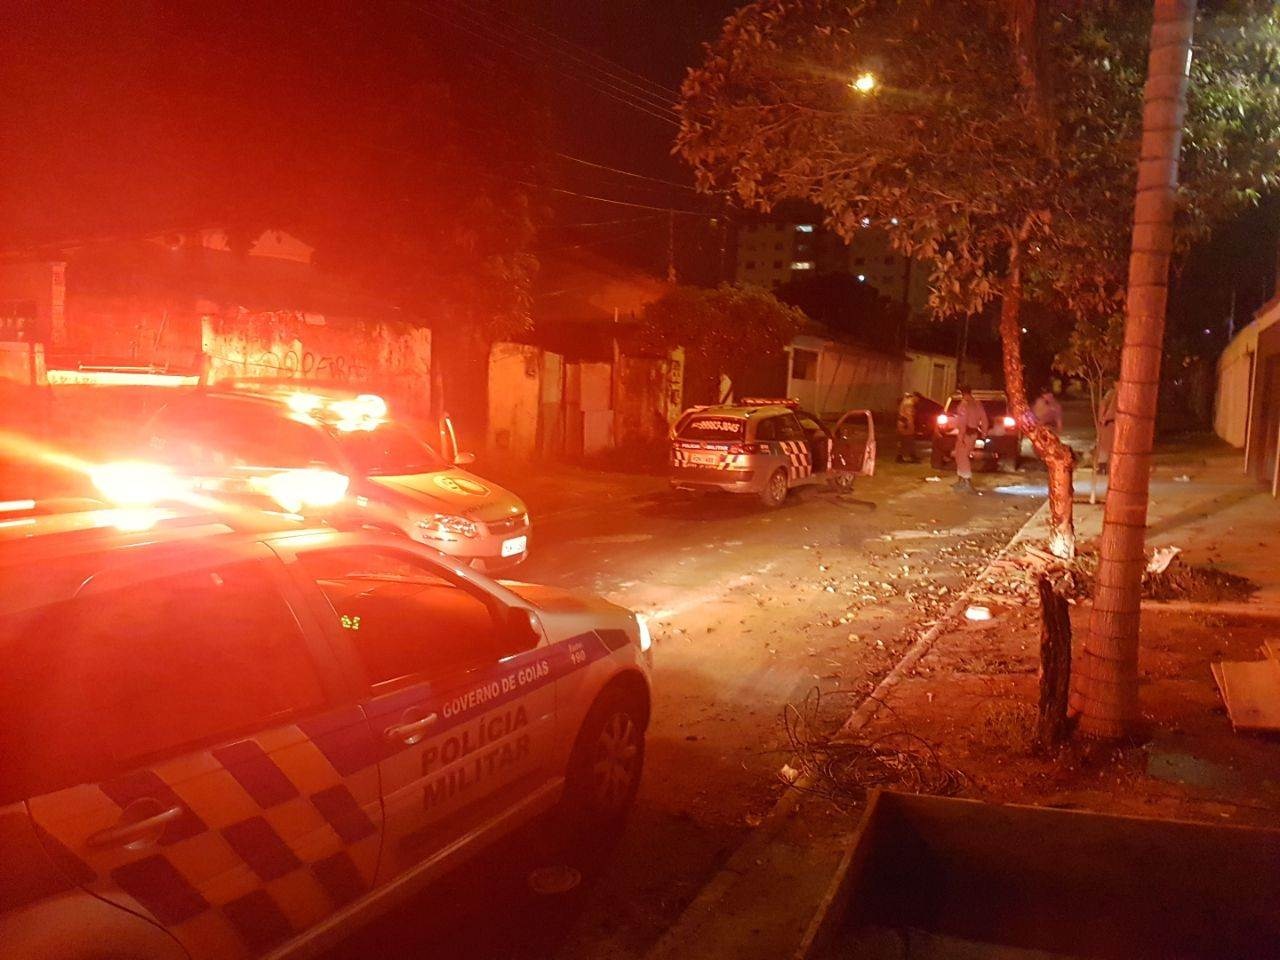 Dupla que arrombou vários carros no Bueno acaba presa após perseguição no Jd América | Foto: Folha Z